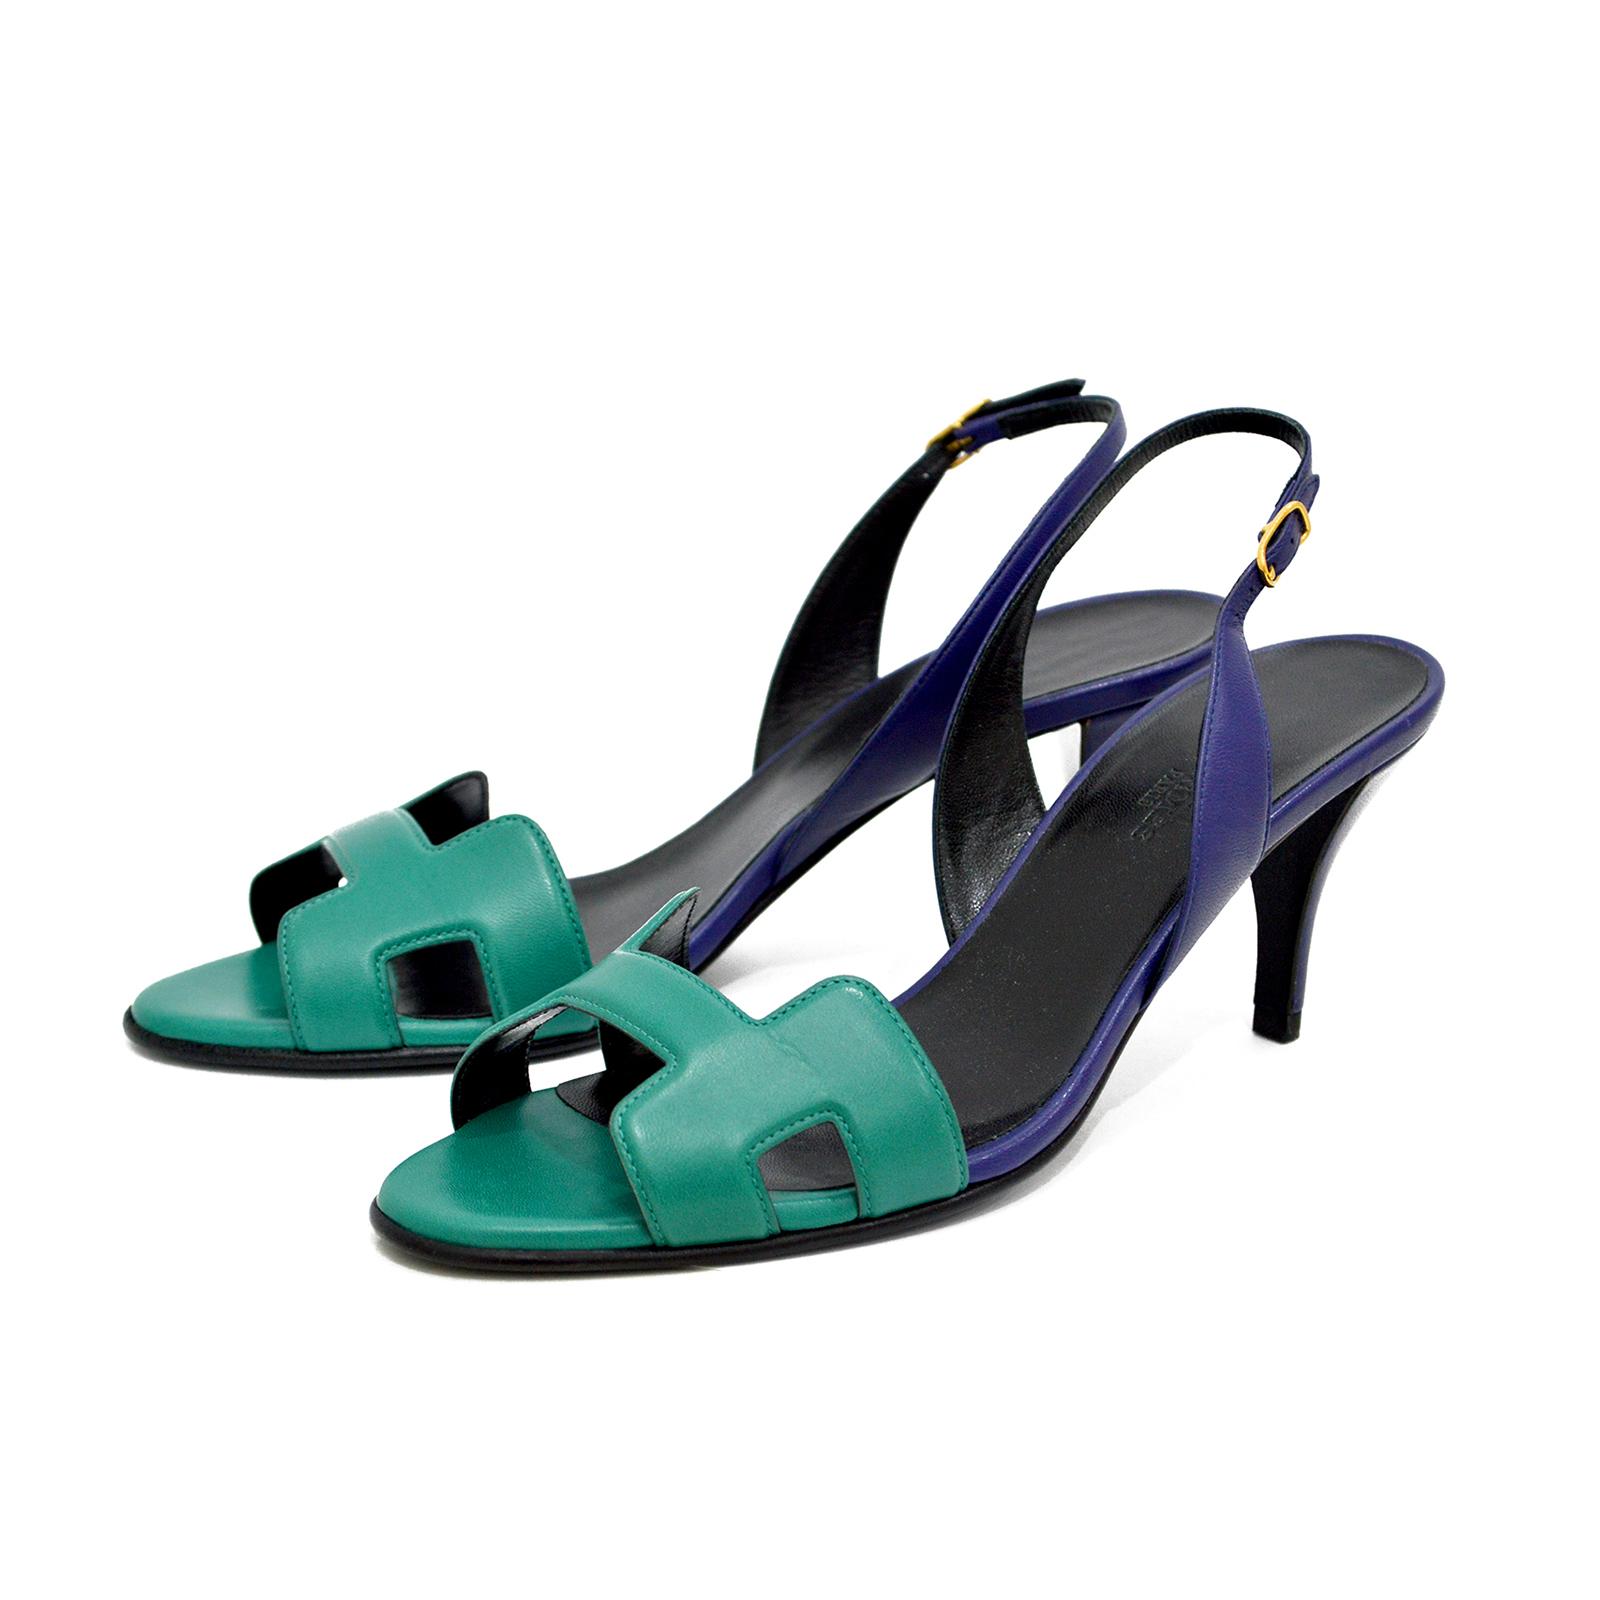 Hermes Bicolor Night 70 Heels Sandals